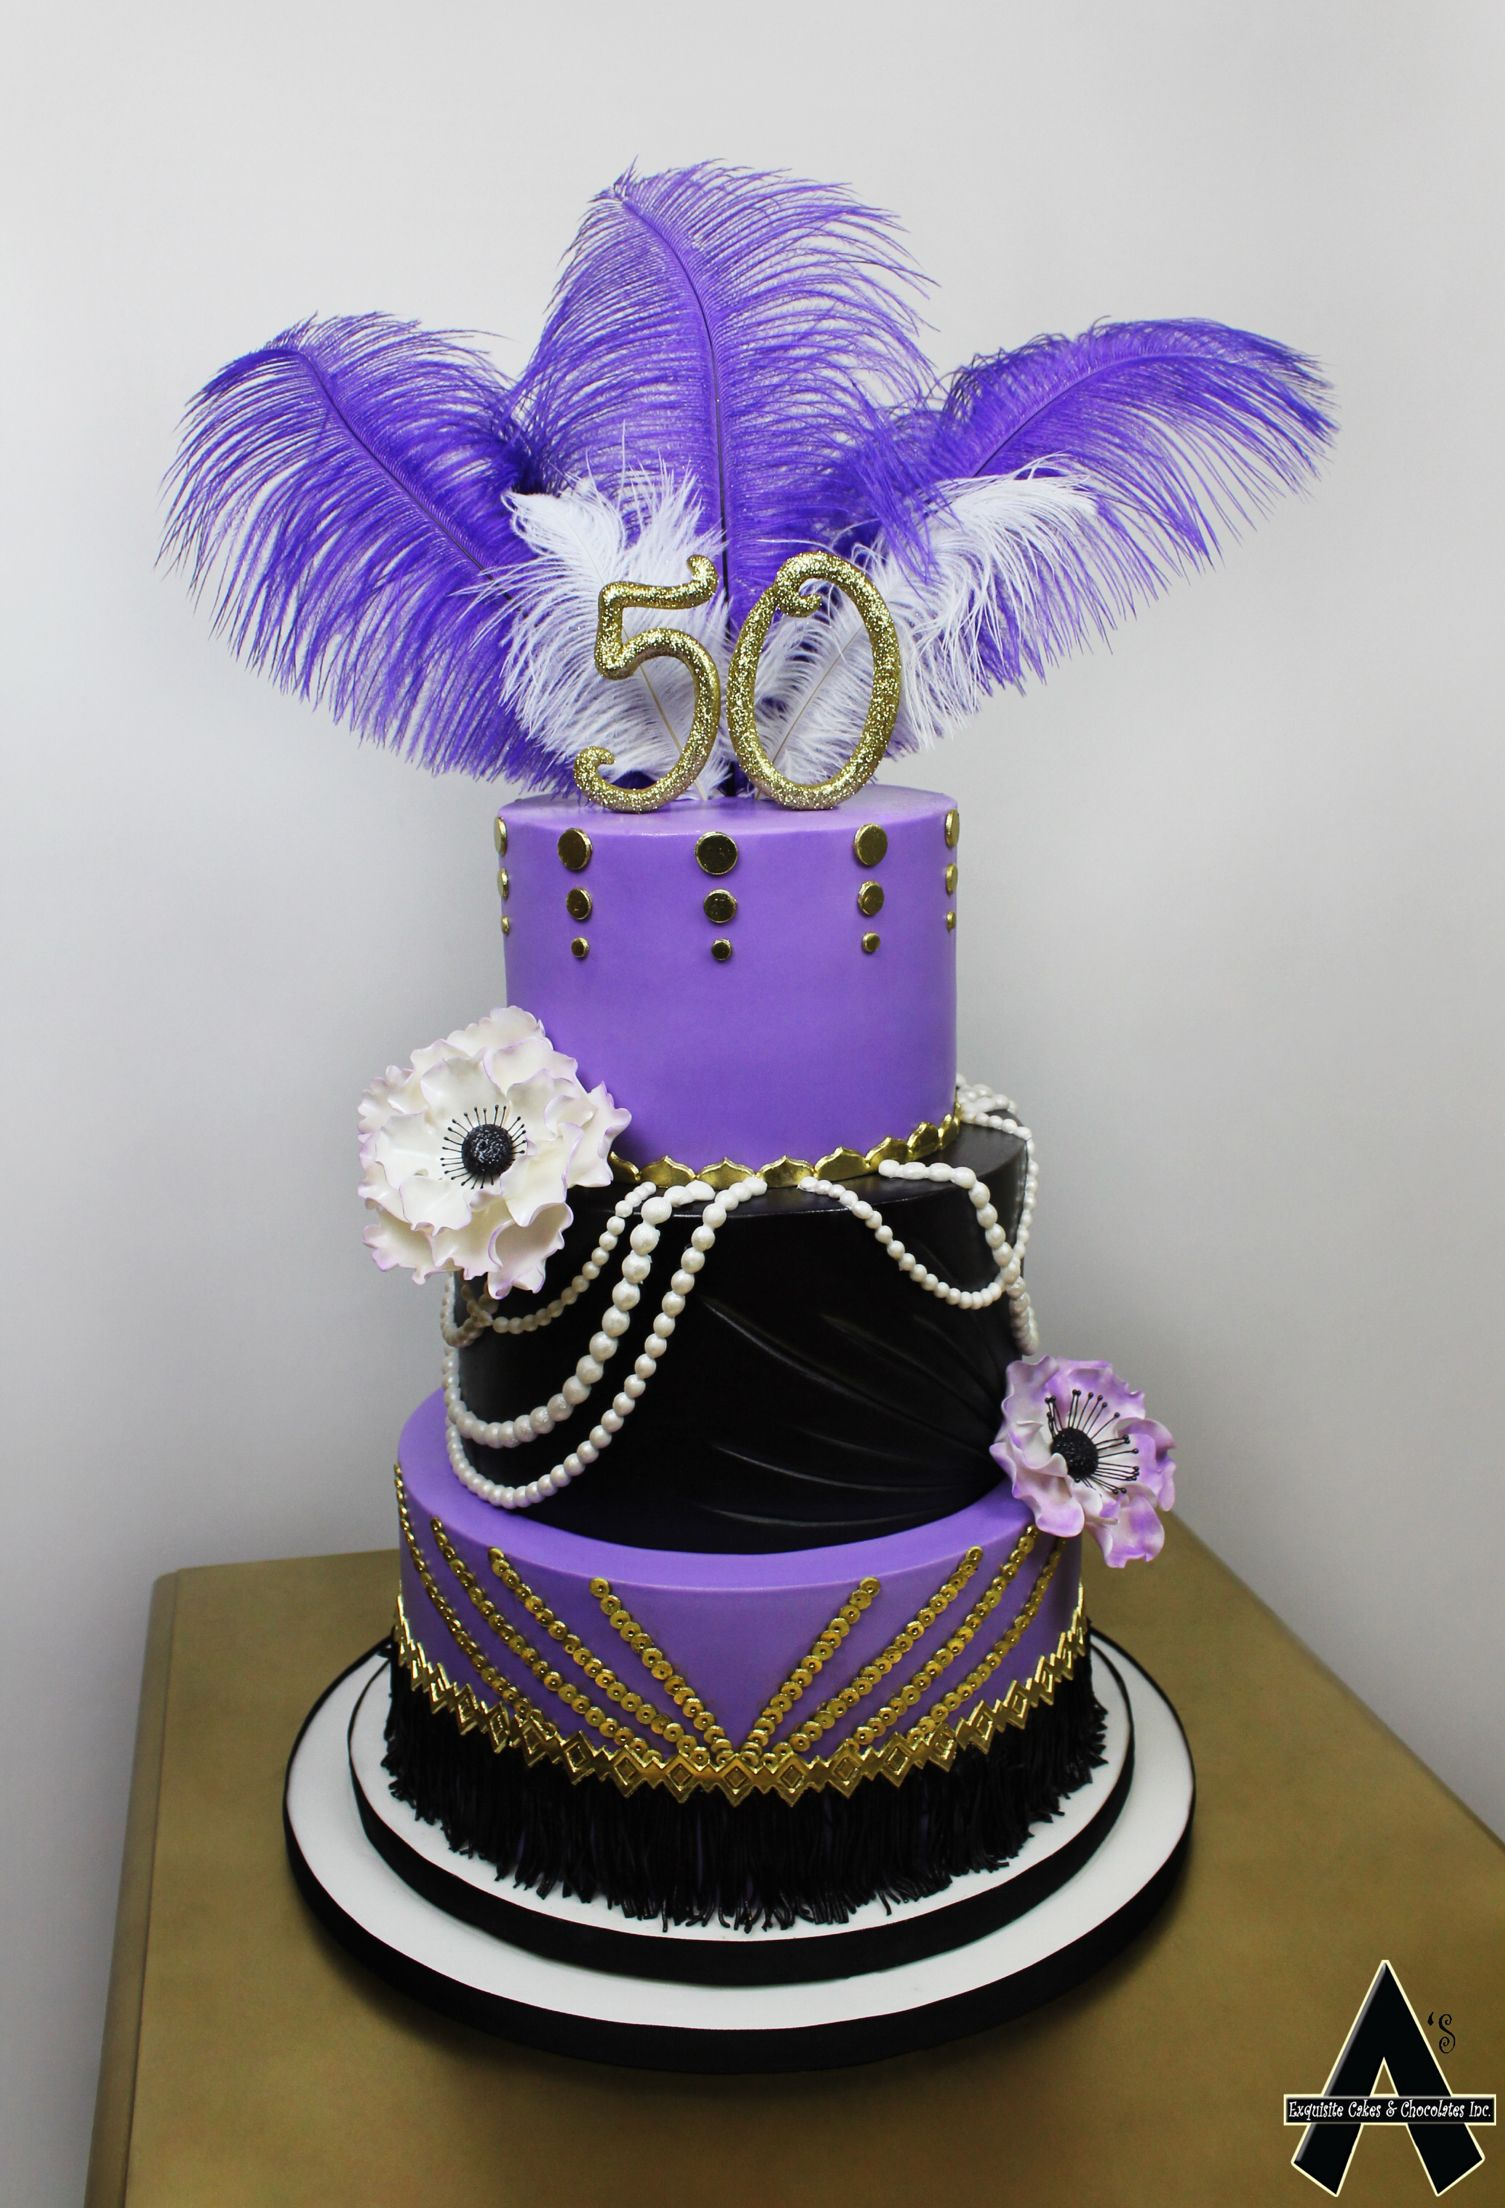 50th birthday cake purple cakes custom wedding cakes